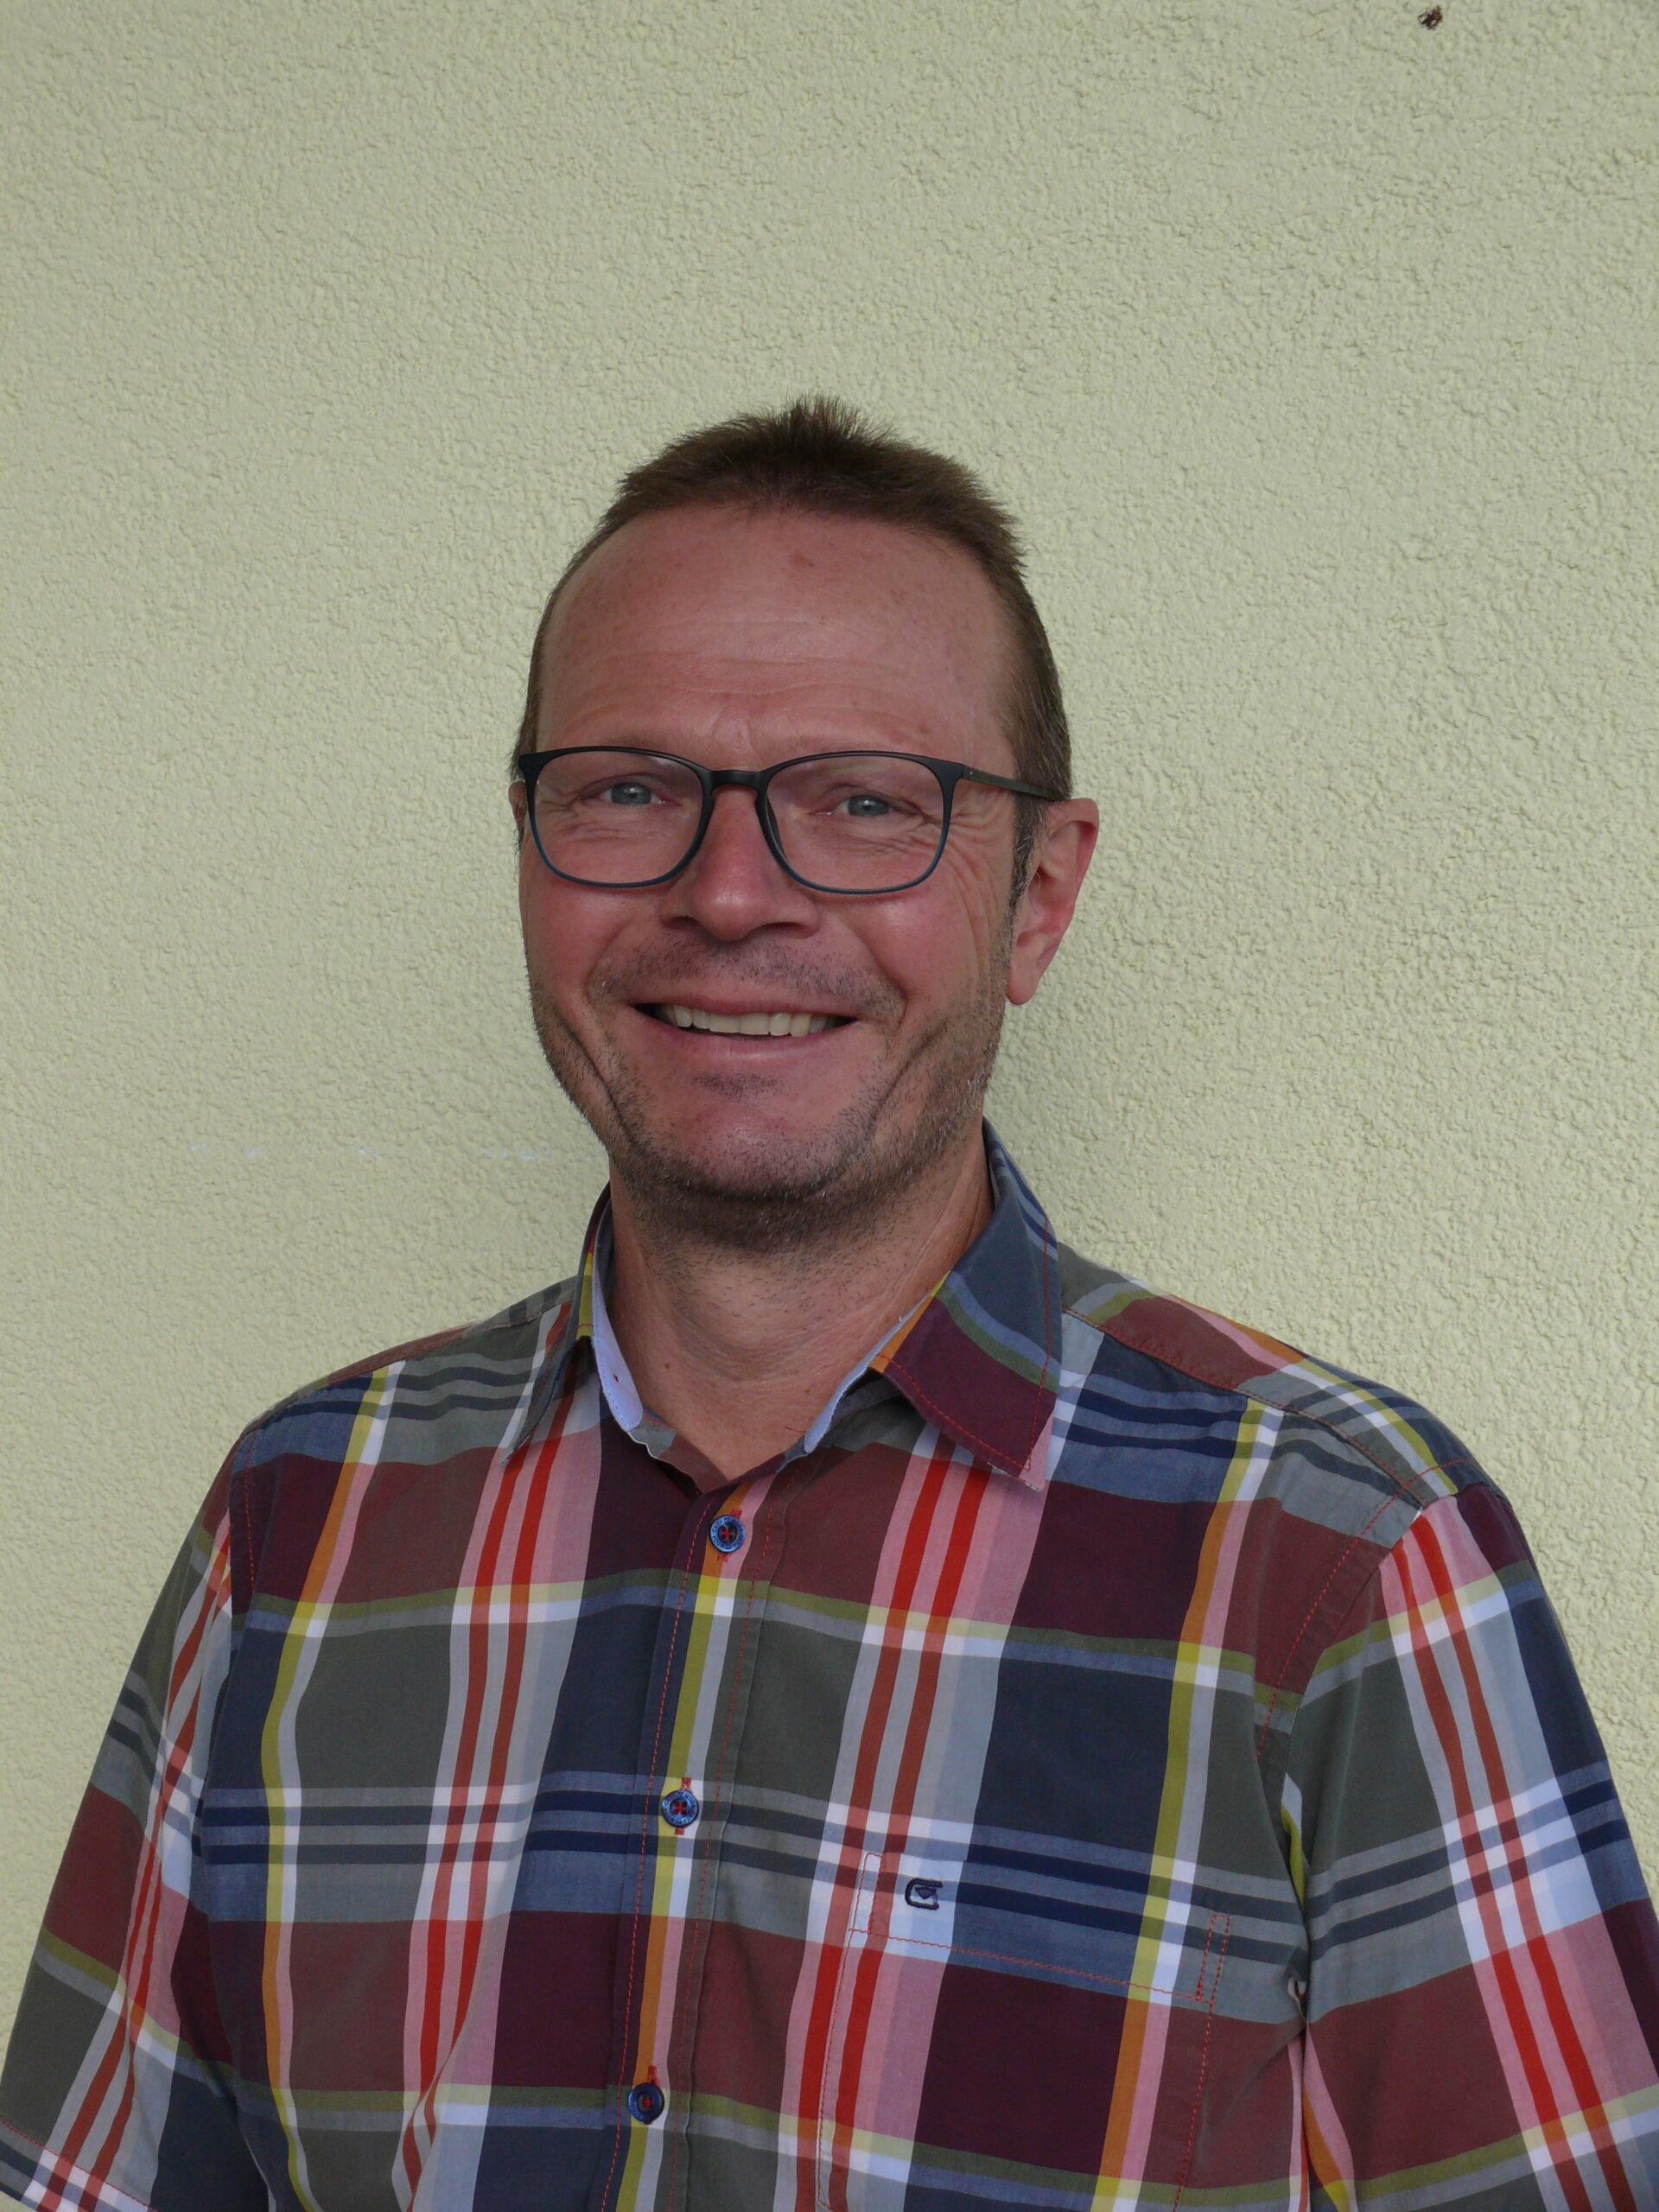 Jochen Staiger